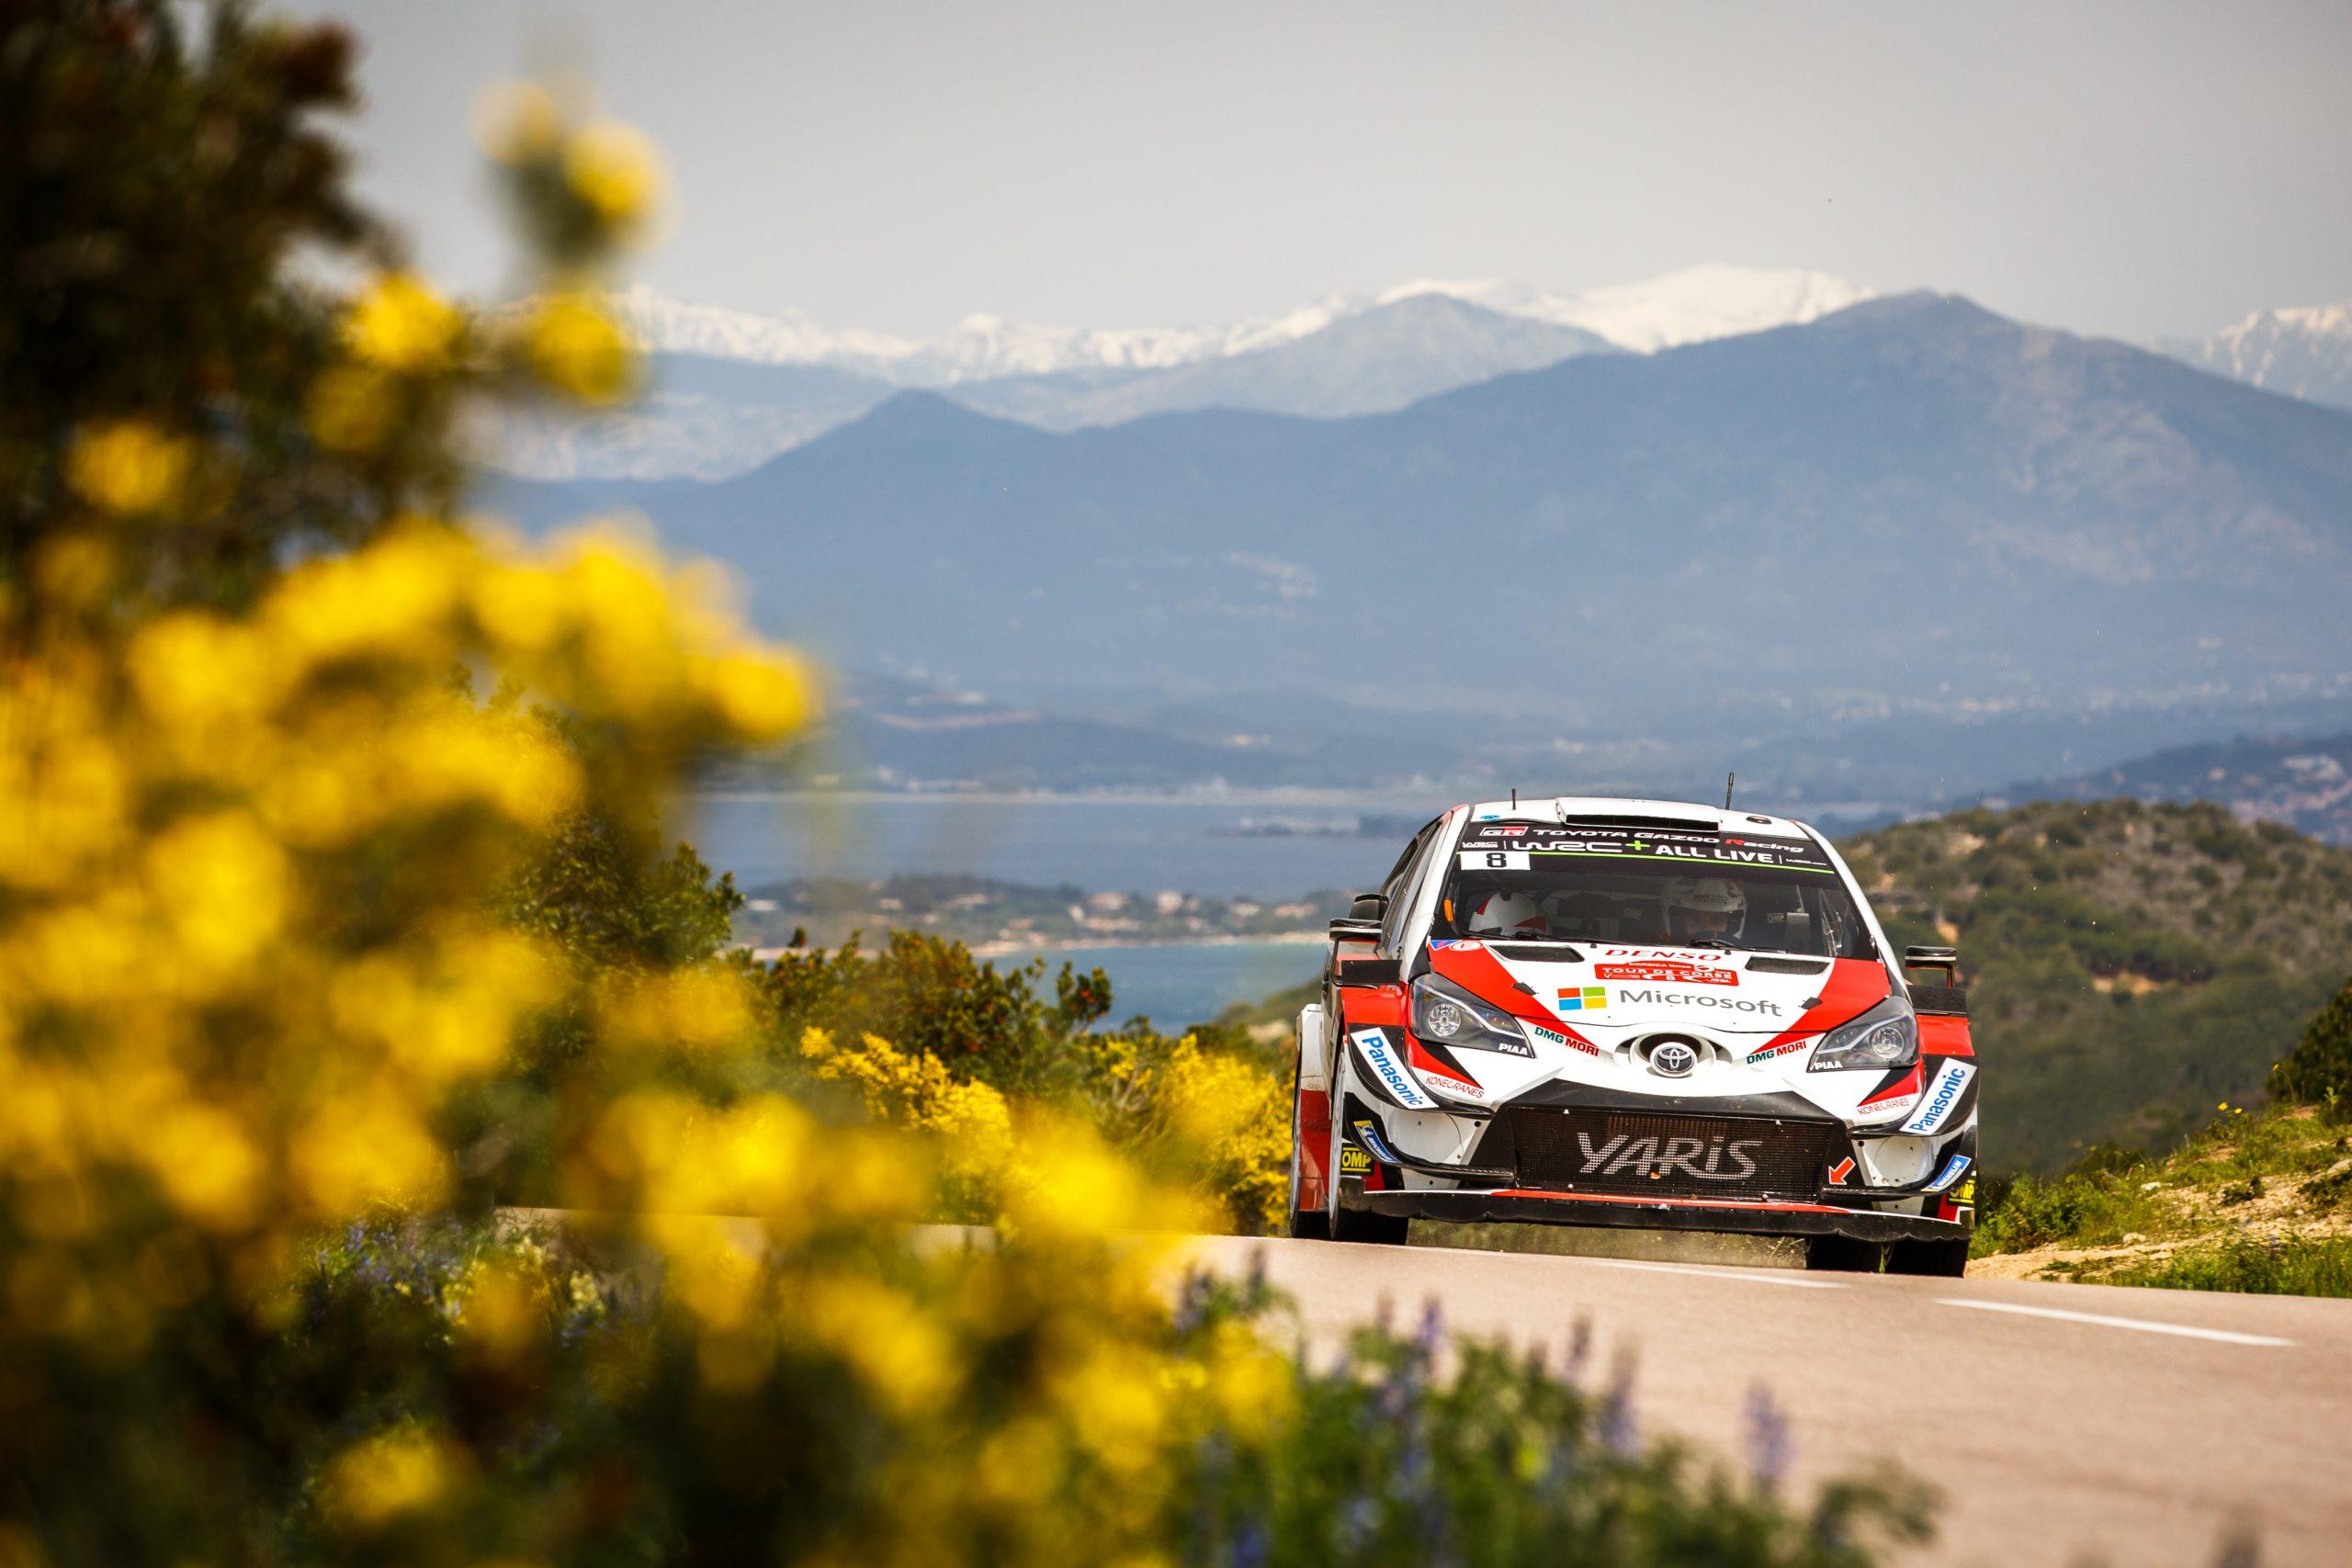 AUTO – WRC TOUR DE CORSE 2018 Part 2